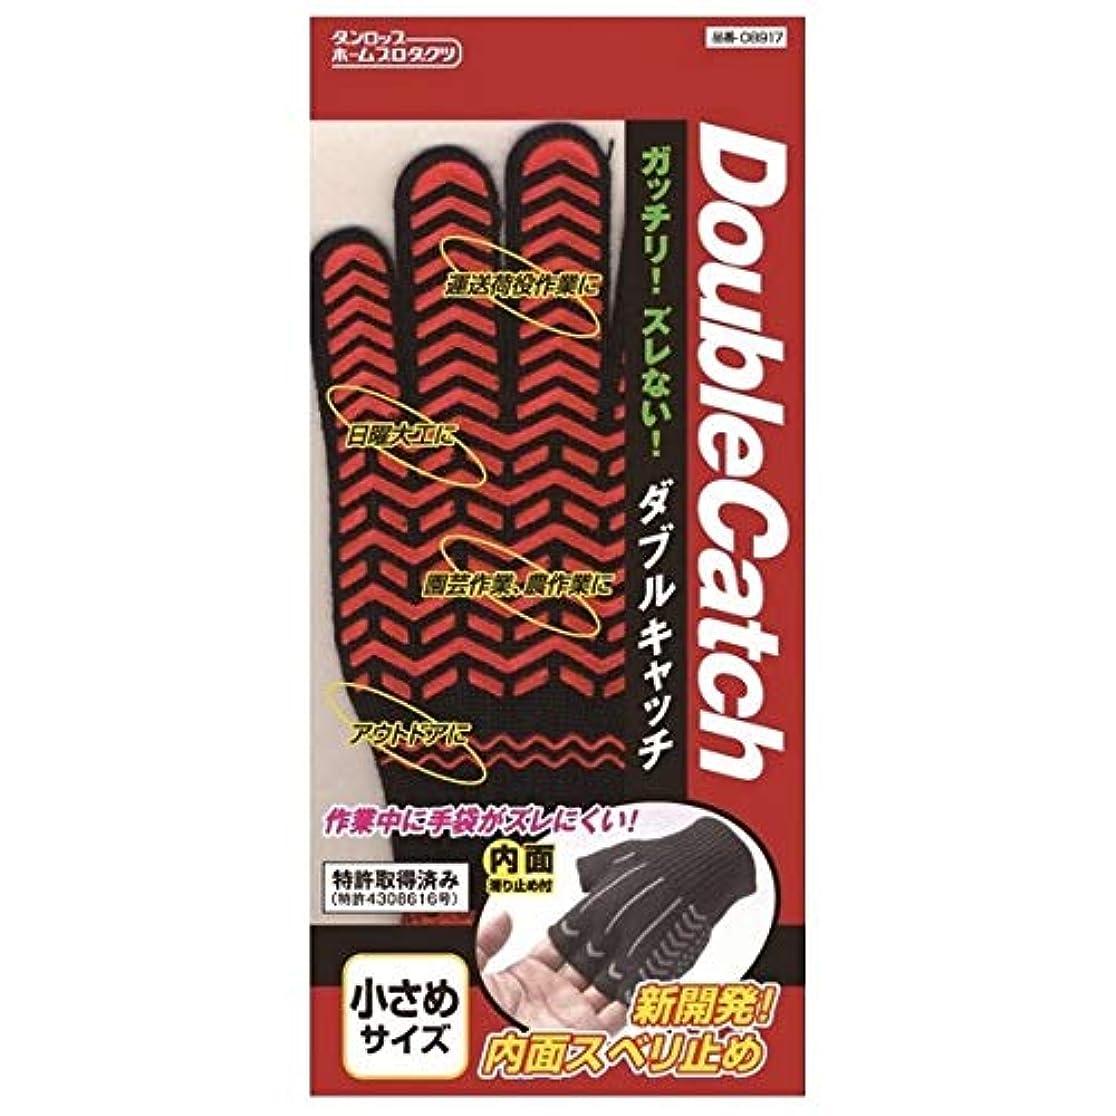 ゆでる候補者密ダンロップ ダブルキャッチ 手袋 小さめサイズ レッド 10双×12袋(120双)